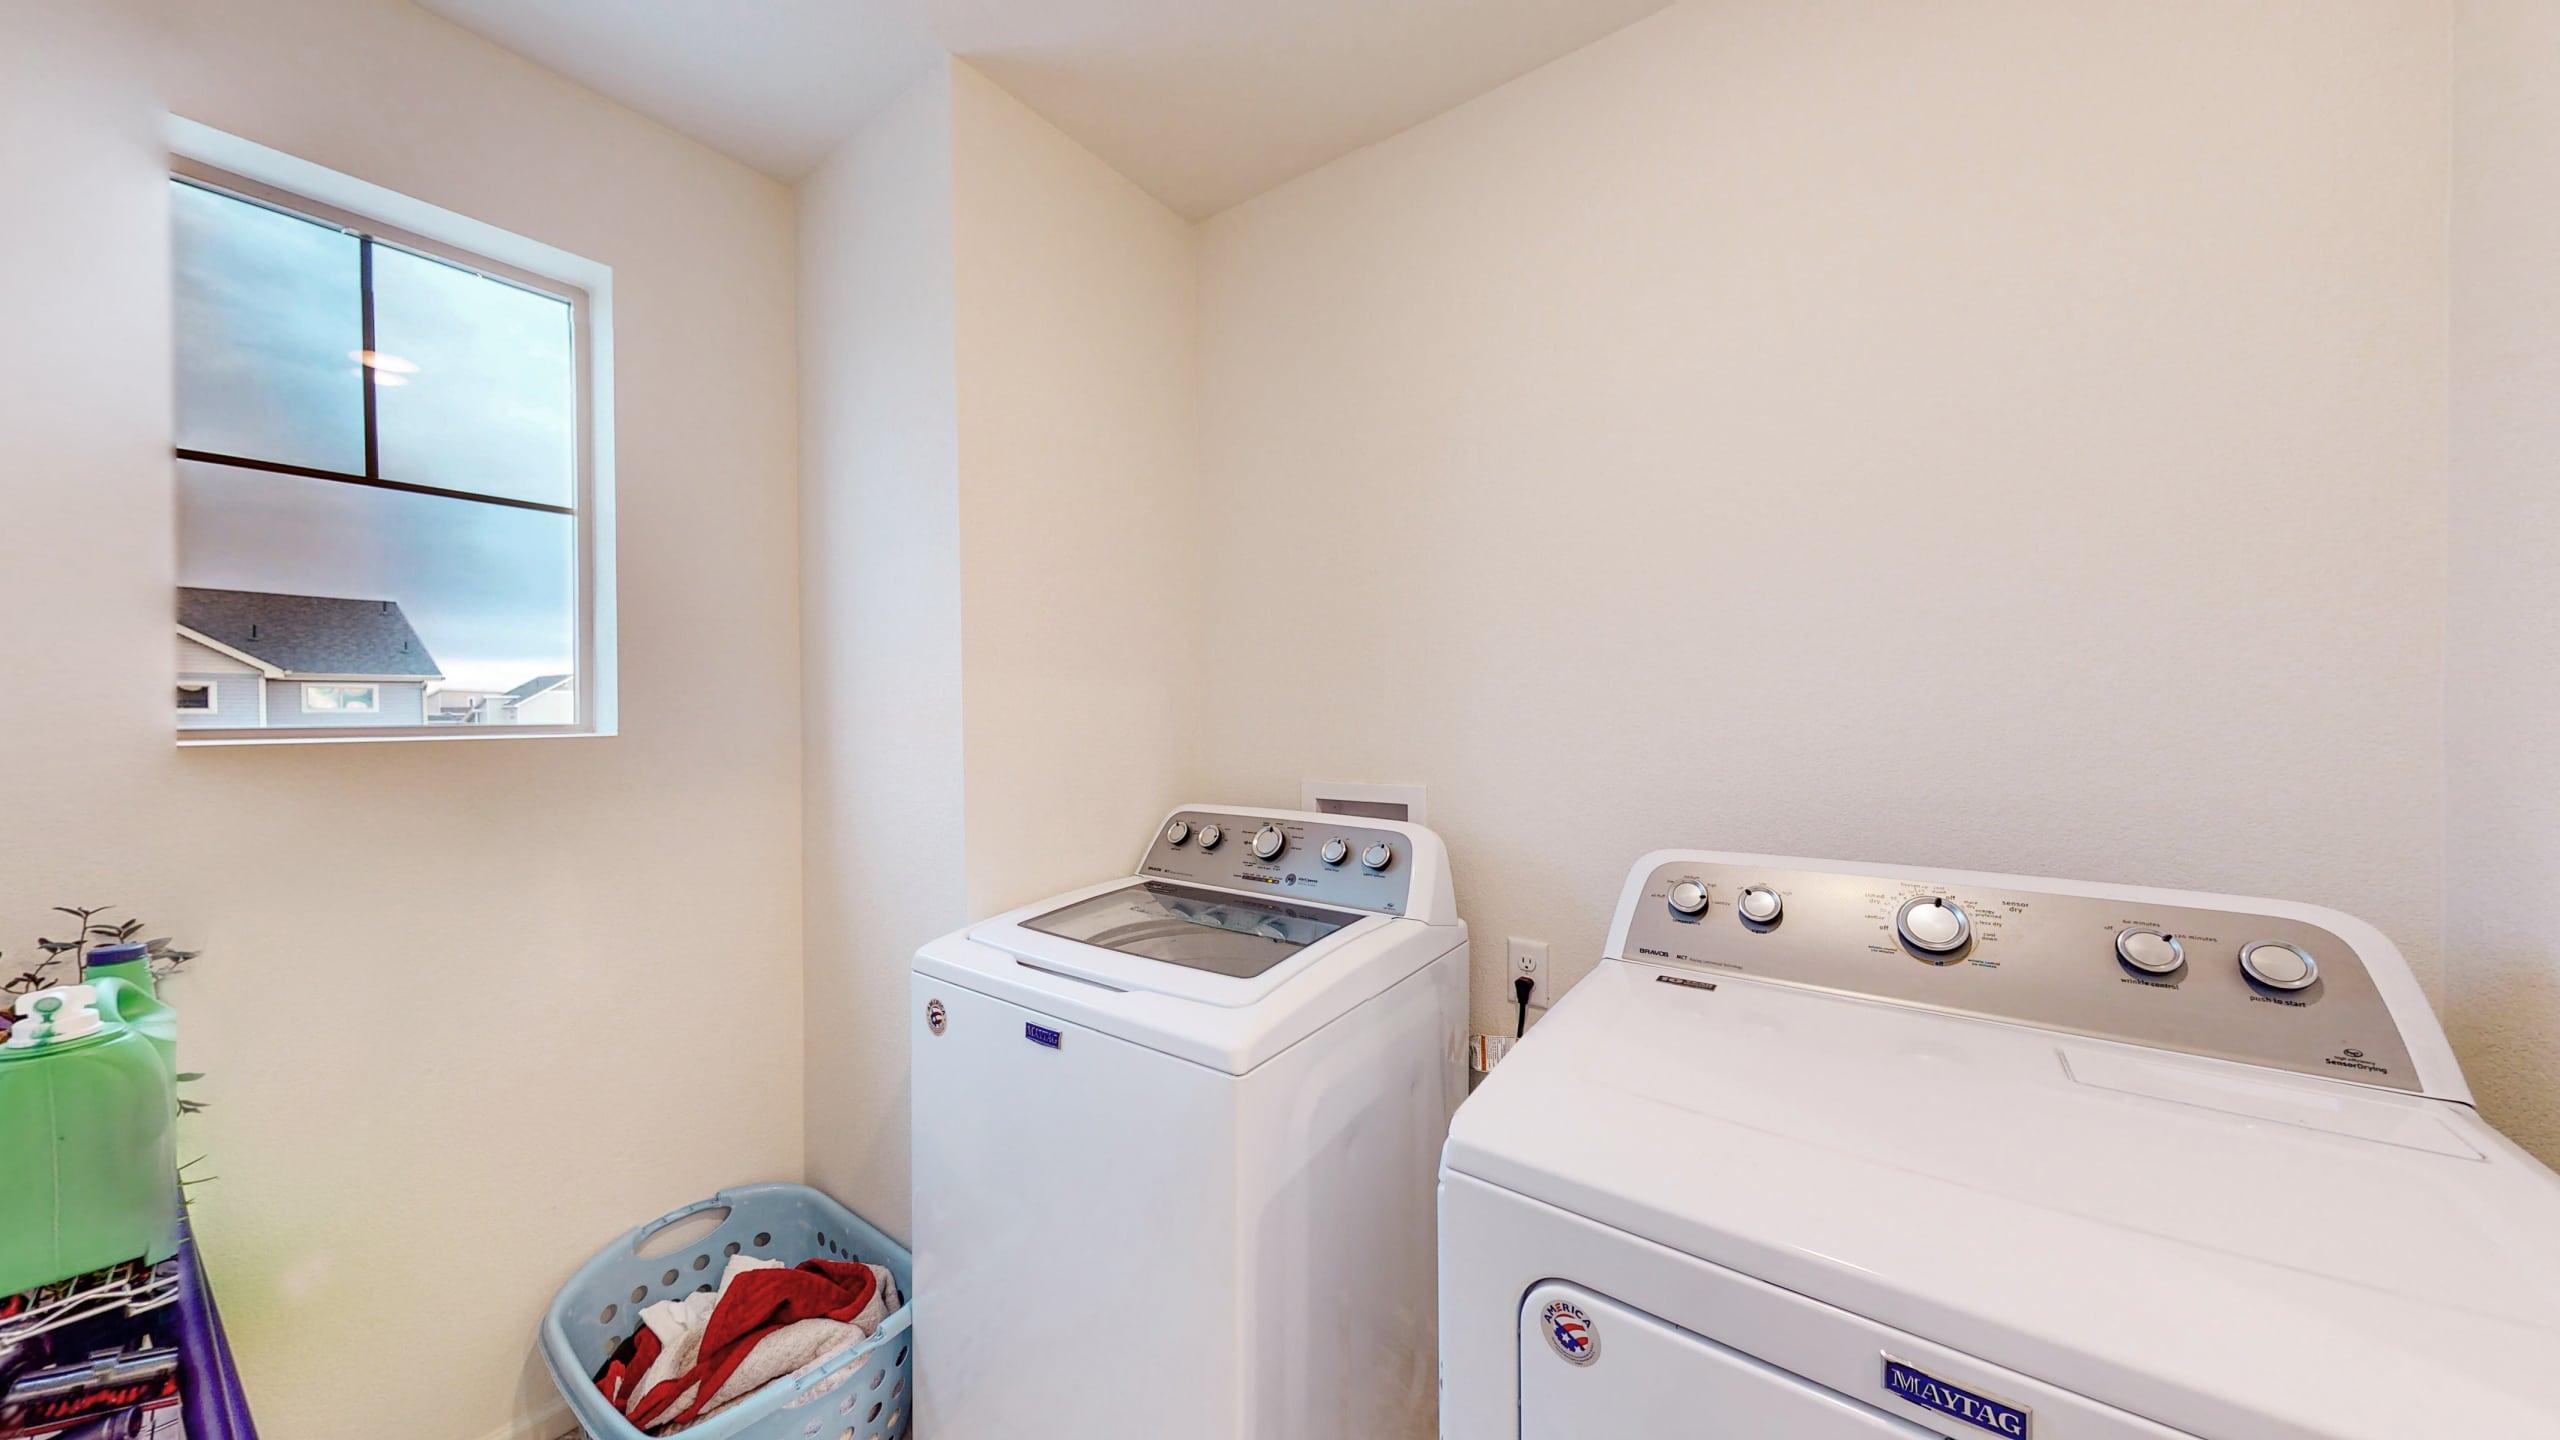 Upstairs Washer & Dryer